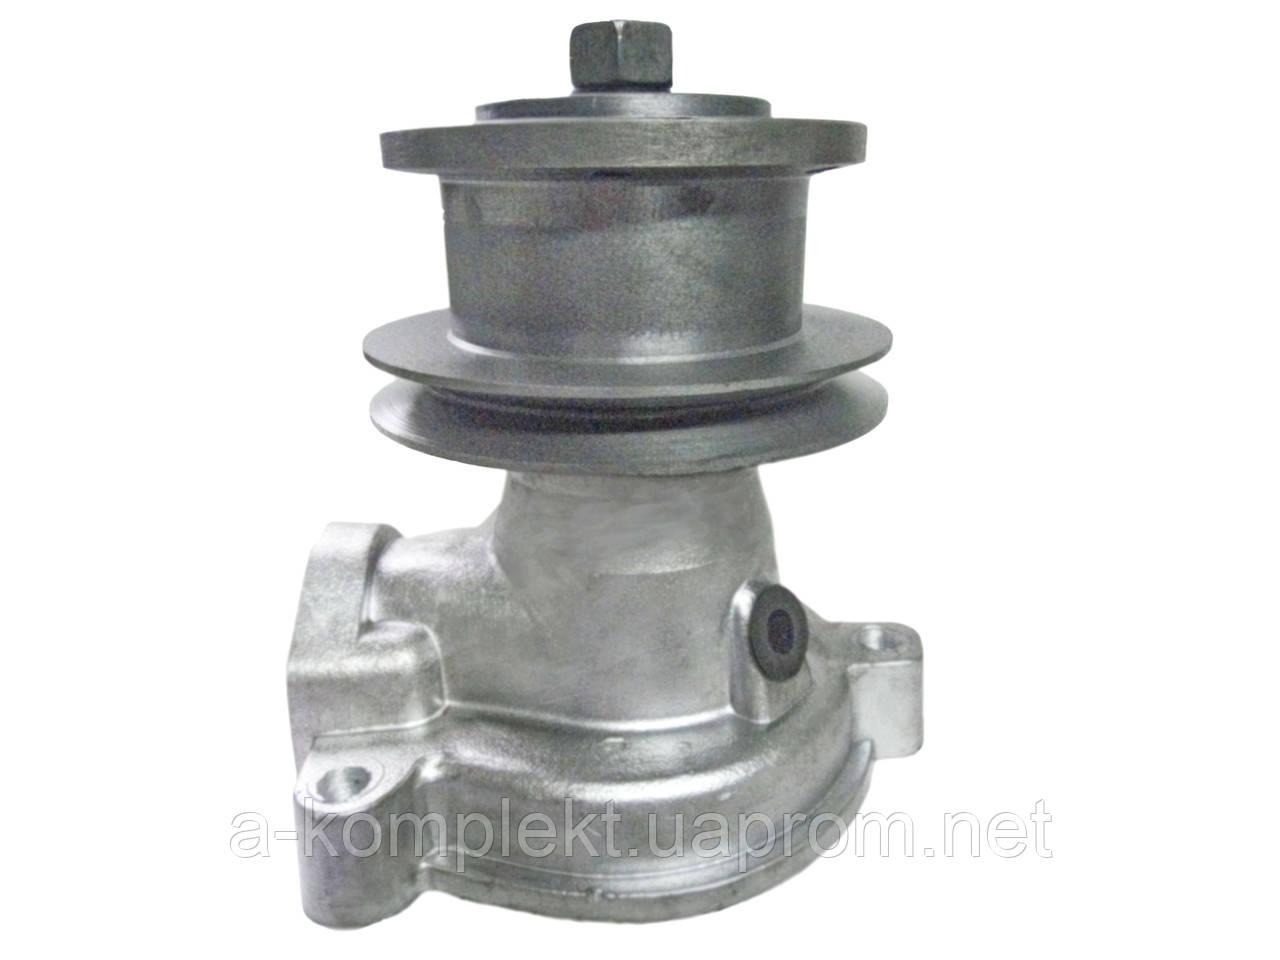 Насос водяной МТЗ двигатель Д-240